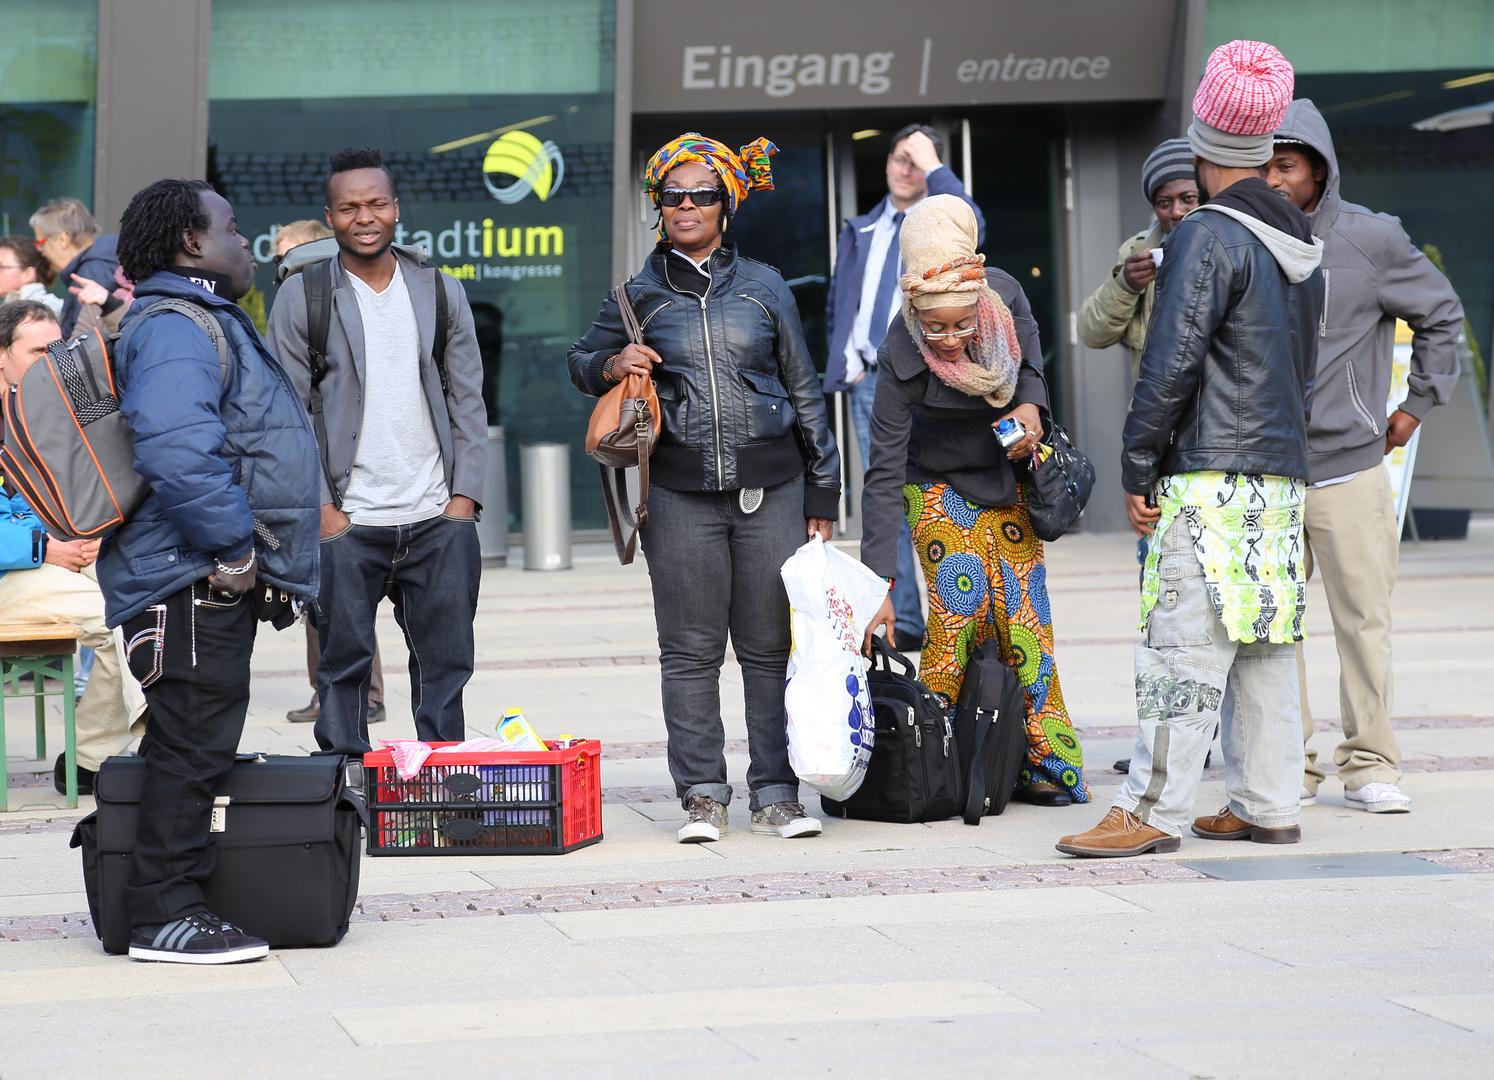 Afrika in Darmstadt